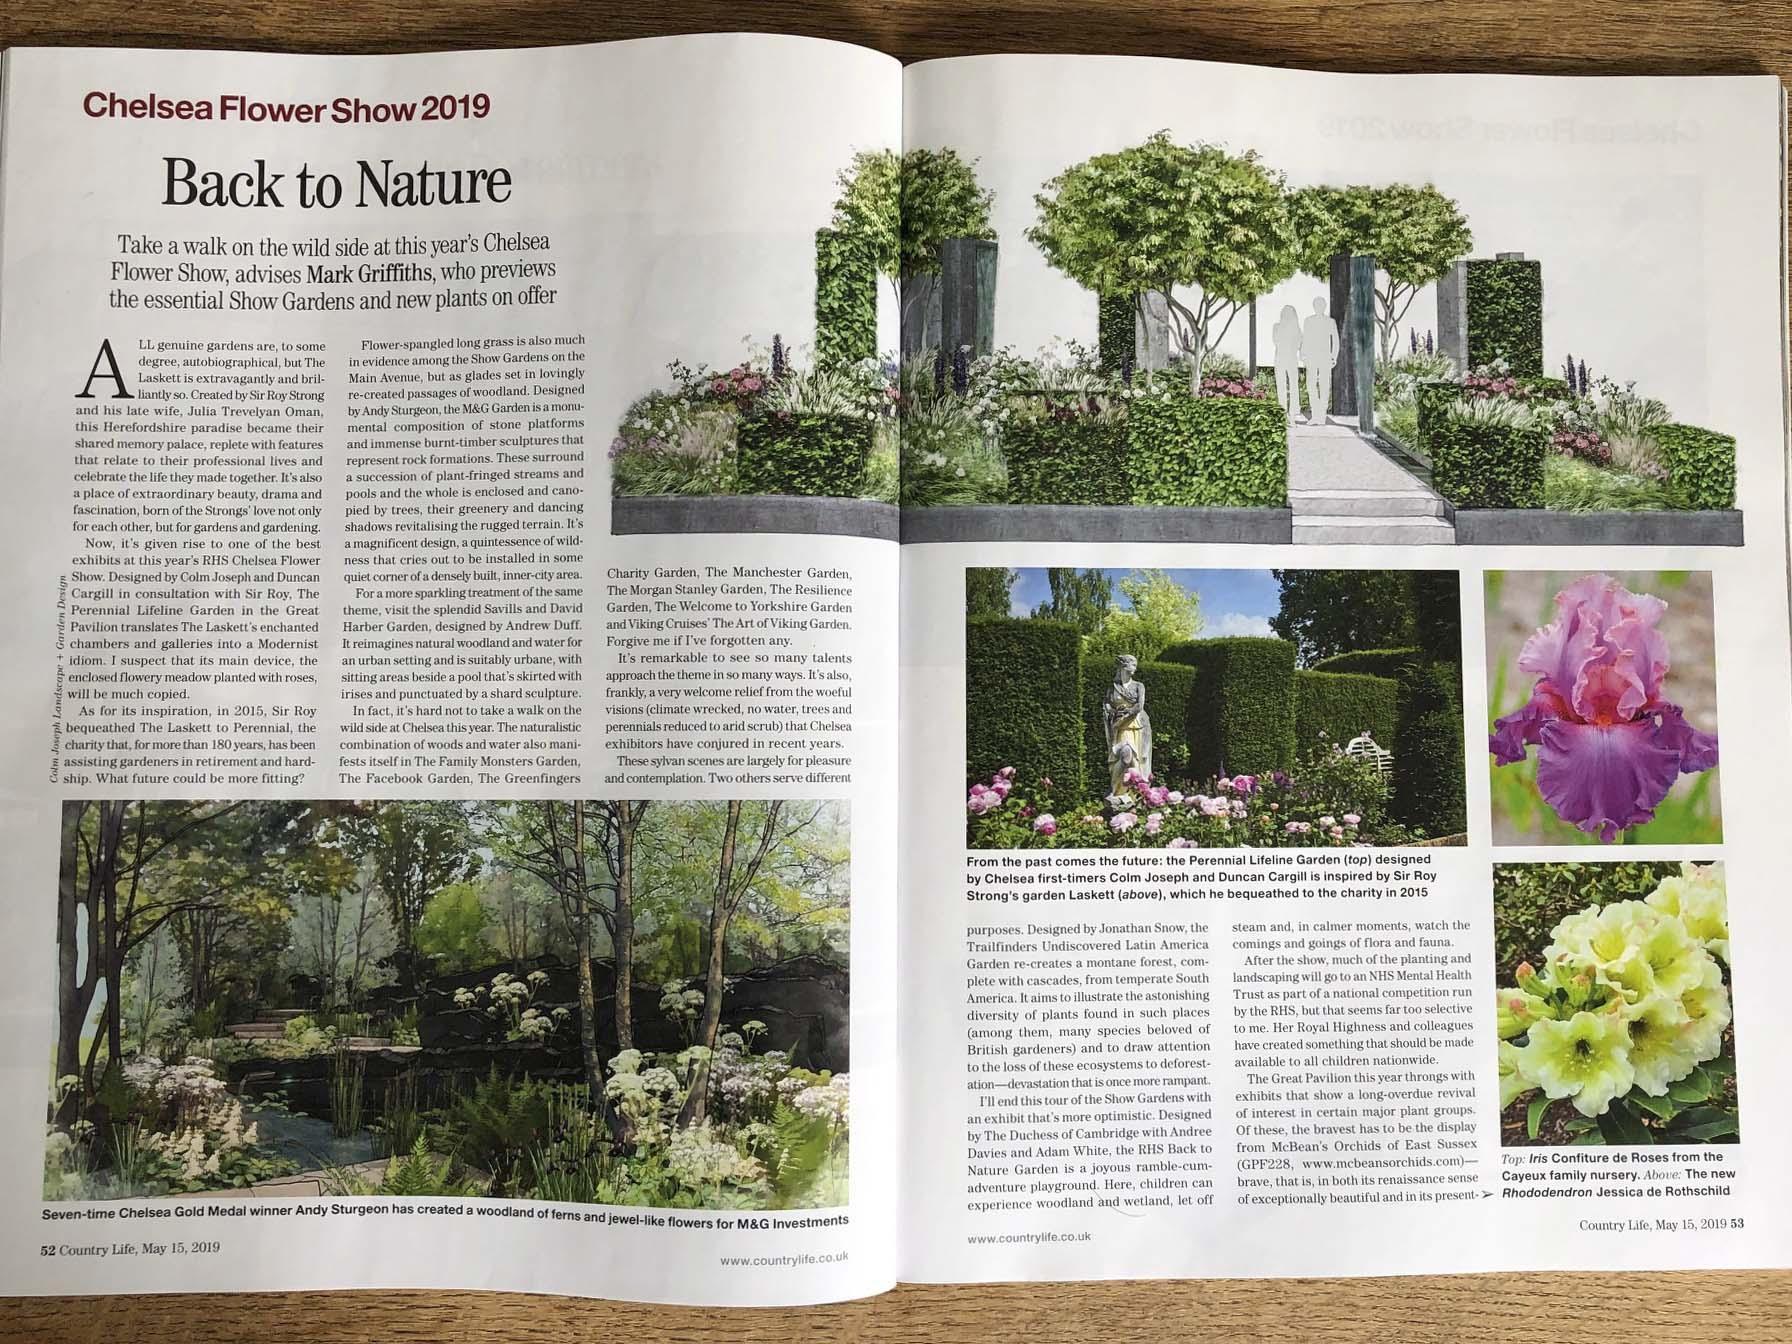 Country Life magazine Colm Joseph garden design cambridge.jpg